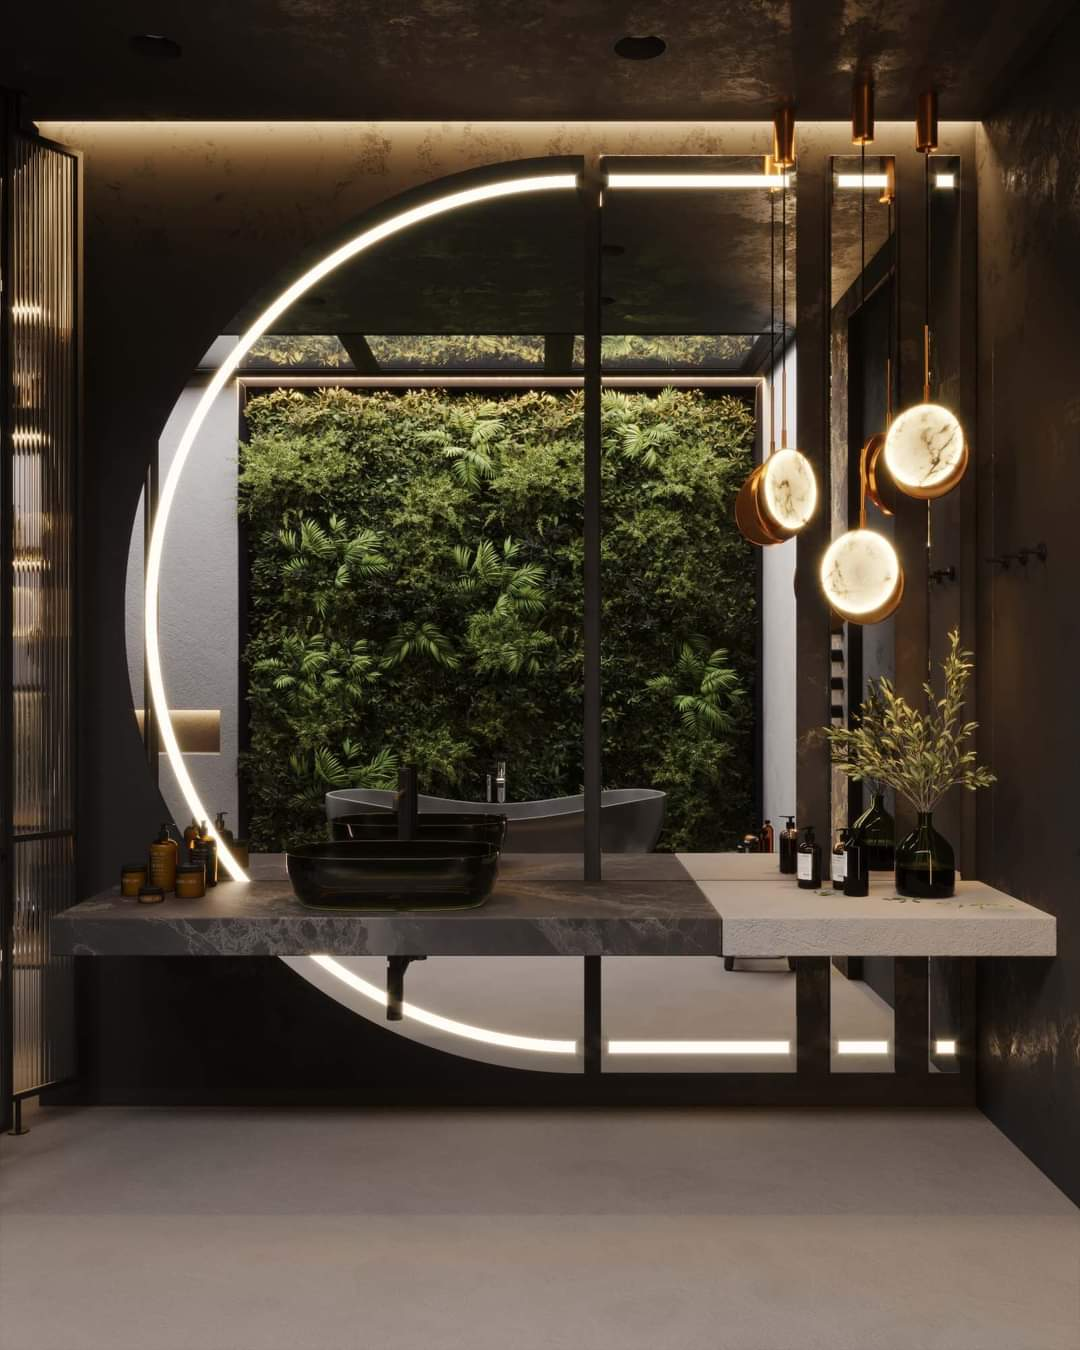 Enchanting Bathroom Set Up - Source: Kireevaaanna